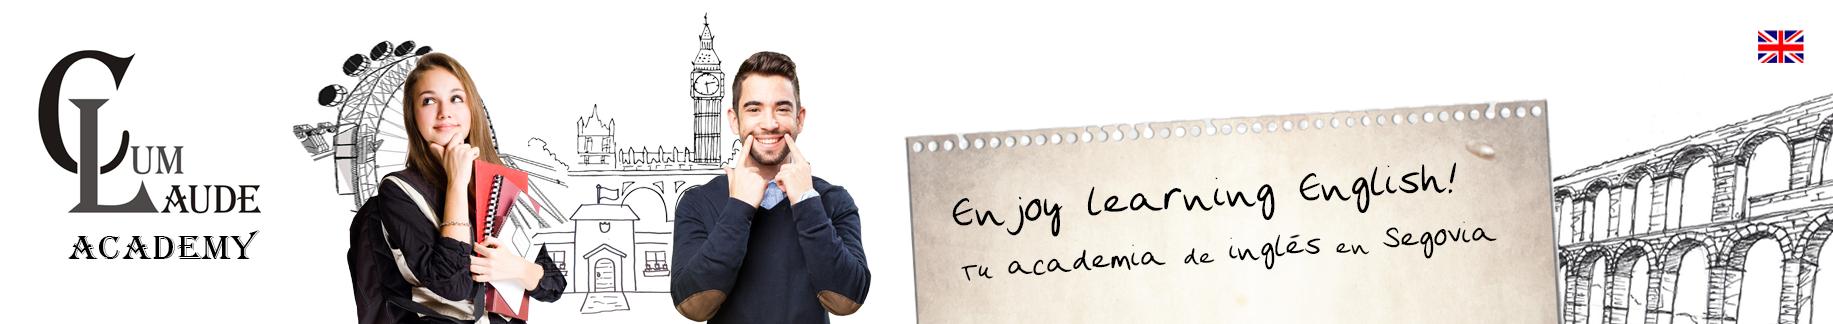 Cum Laude Academy. Tu Academia de Inglés en Segovia.